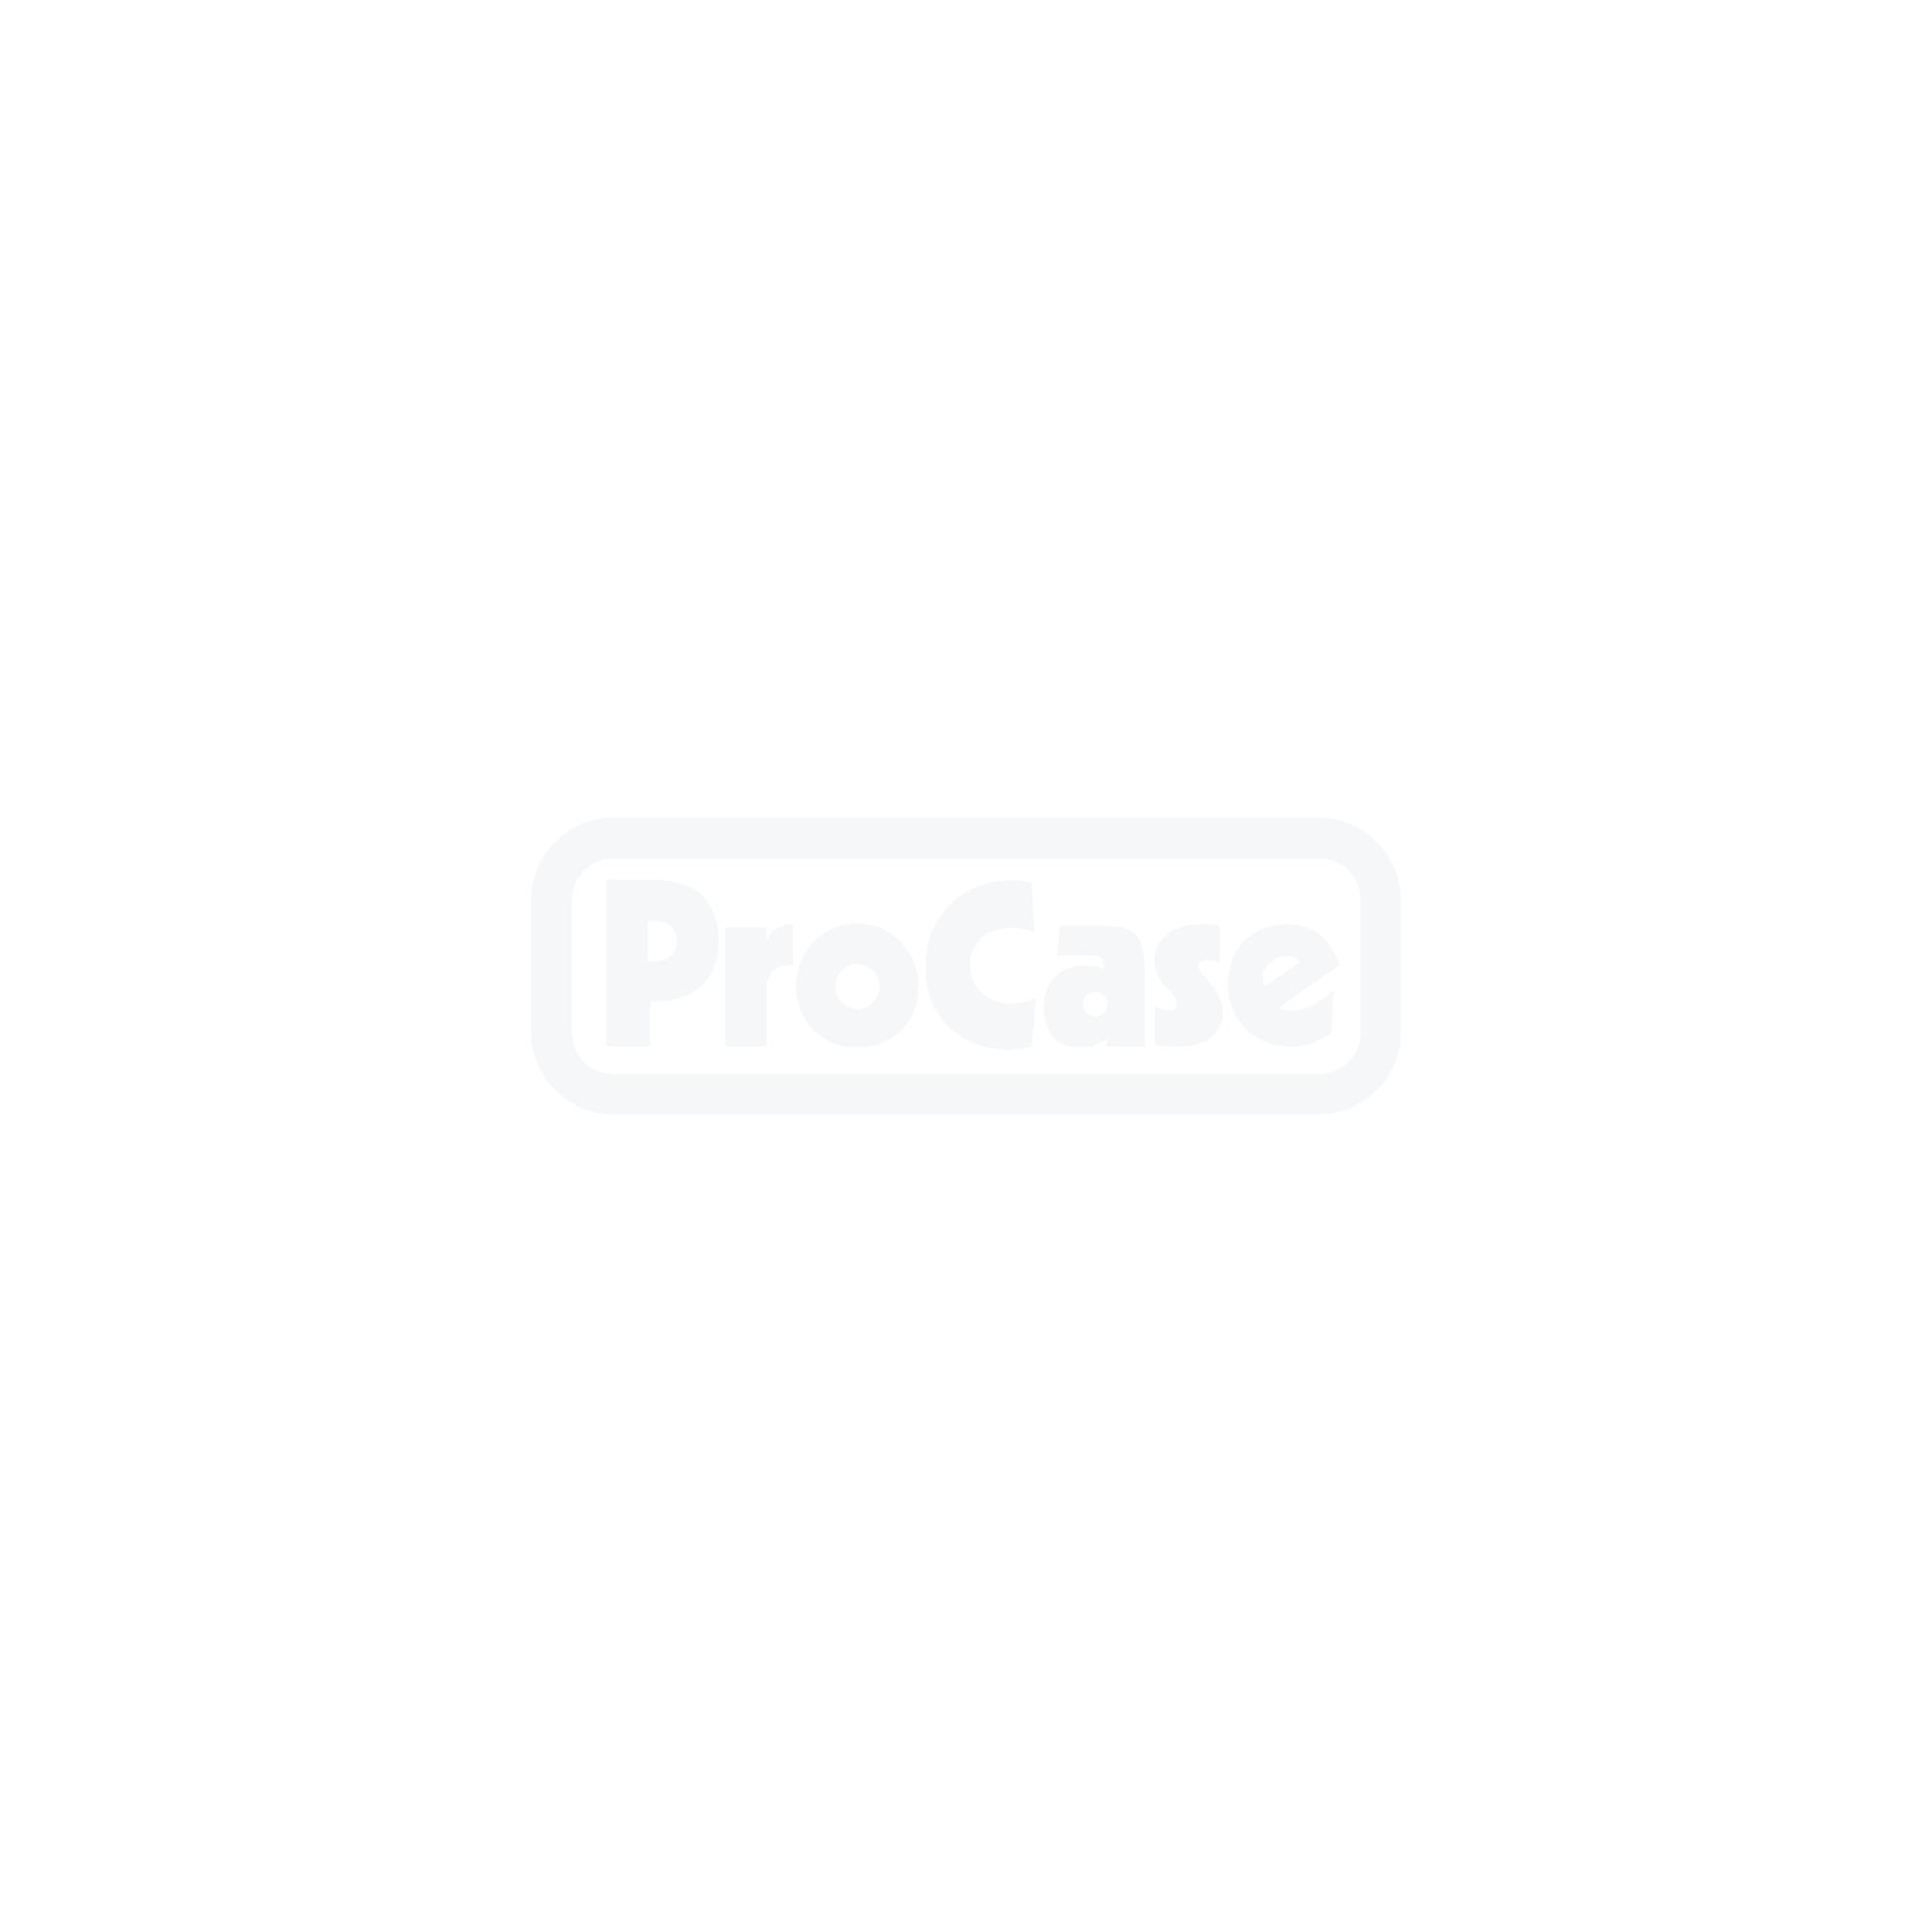 DJ-Konsole für Pioneer CDJ-350, Technics 1210MK2 u. Laptop